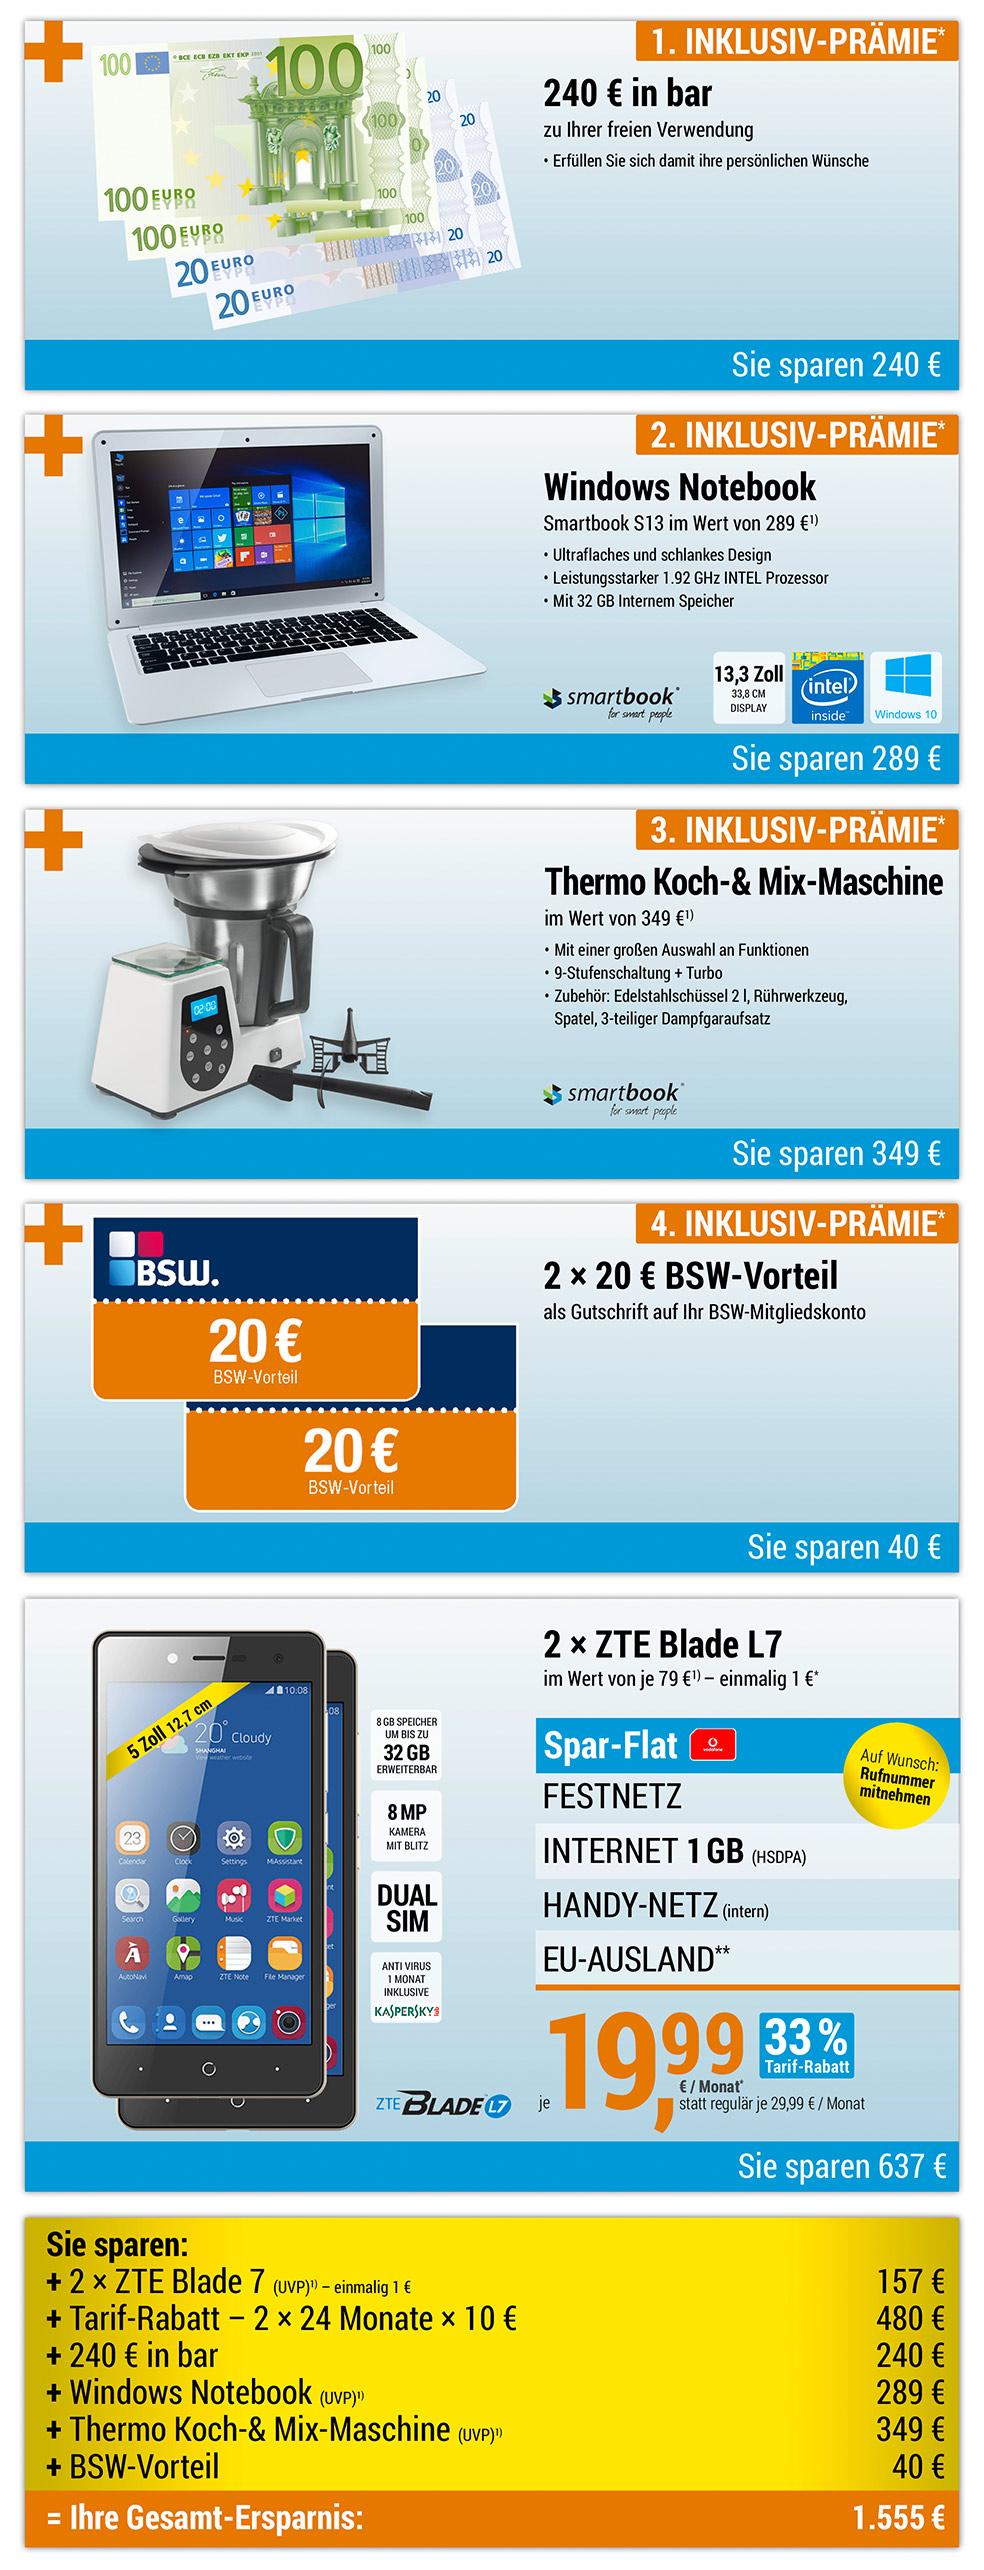 240 € bar + Notebook + Thermo-Koch- und Mix-Maschine + 2 × 20€ BSW-Vorteil INKLUSIVE + 2 × ZTE Blade L7